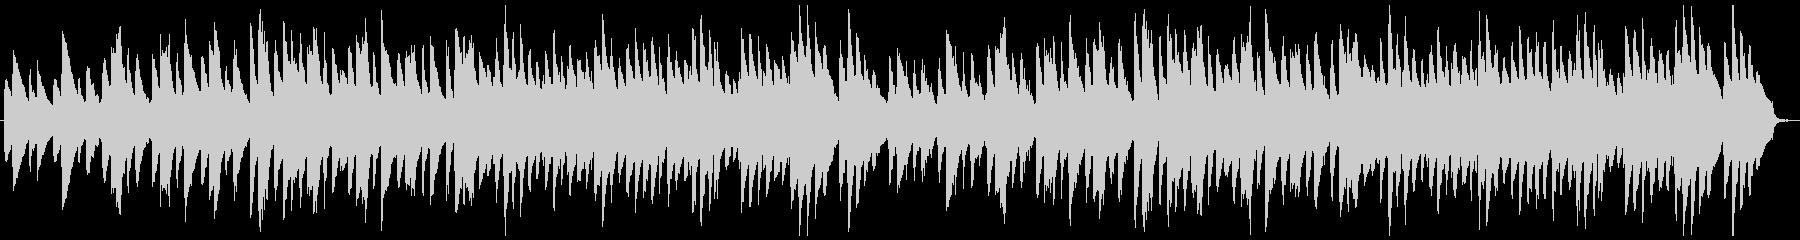 クラシカルな雰囲気のピアノアンサンブルの未再生の波形